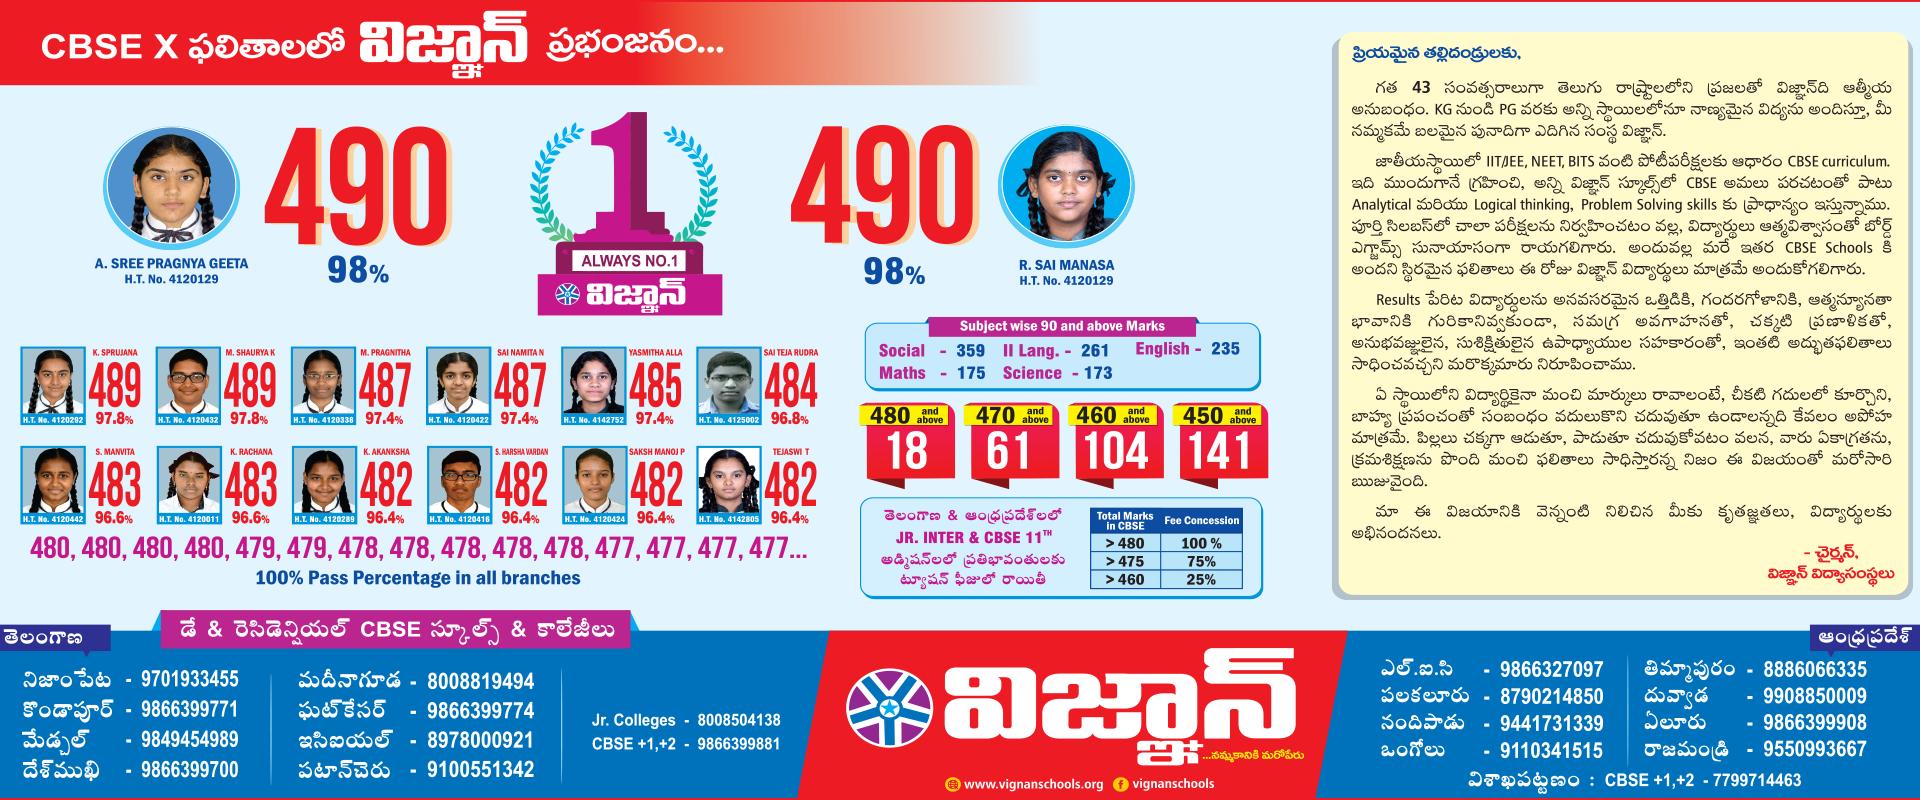 Best CBSE School in Hyderabad | Top Primary & Secondary School in